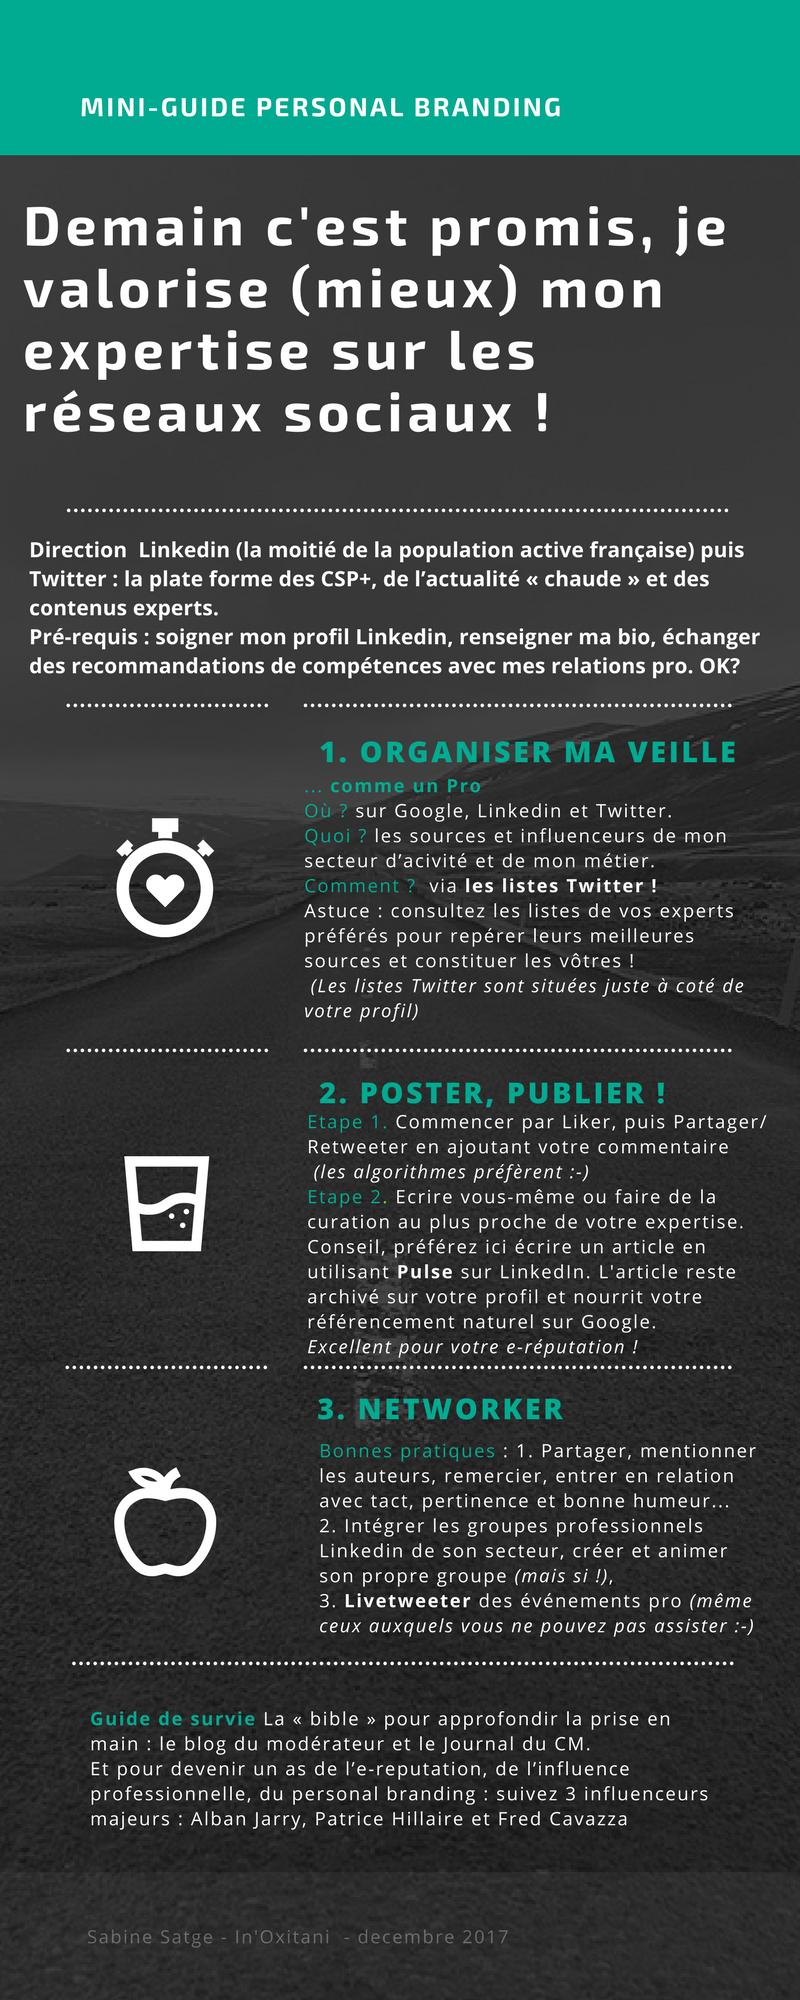 Infographie Comment gérer ma communication professionnelle , mon « personal branding » ? Comment organiser ma veille pro.. démarrer mon networking.. Les bonnes pratiques pour démarrer